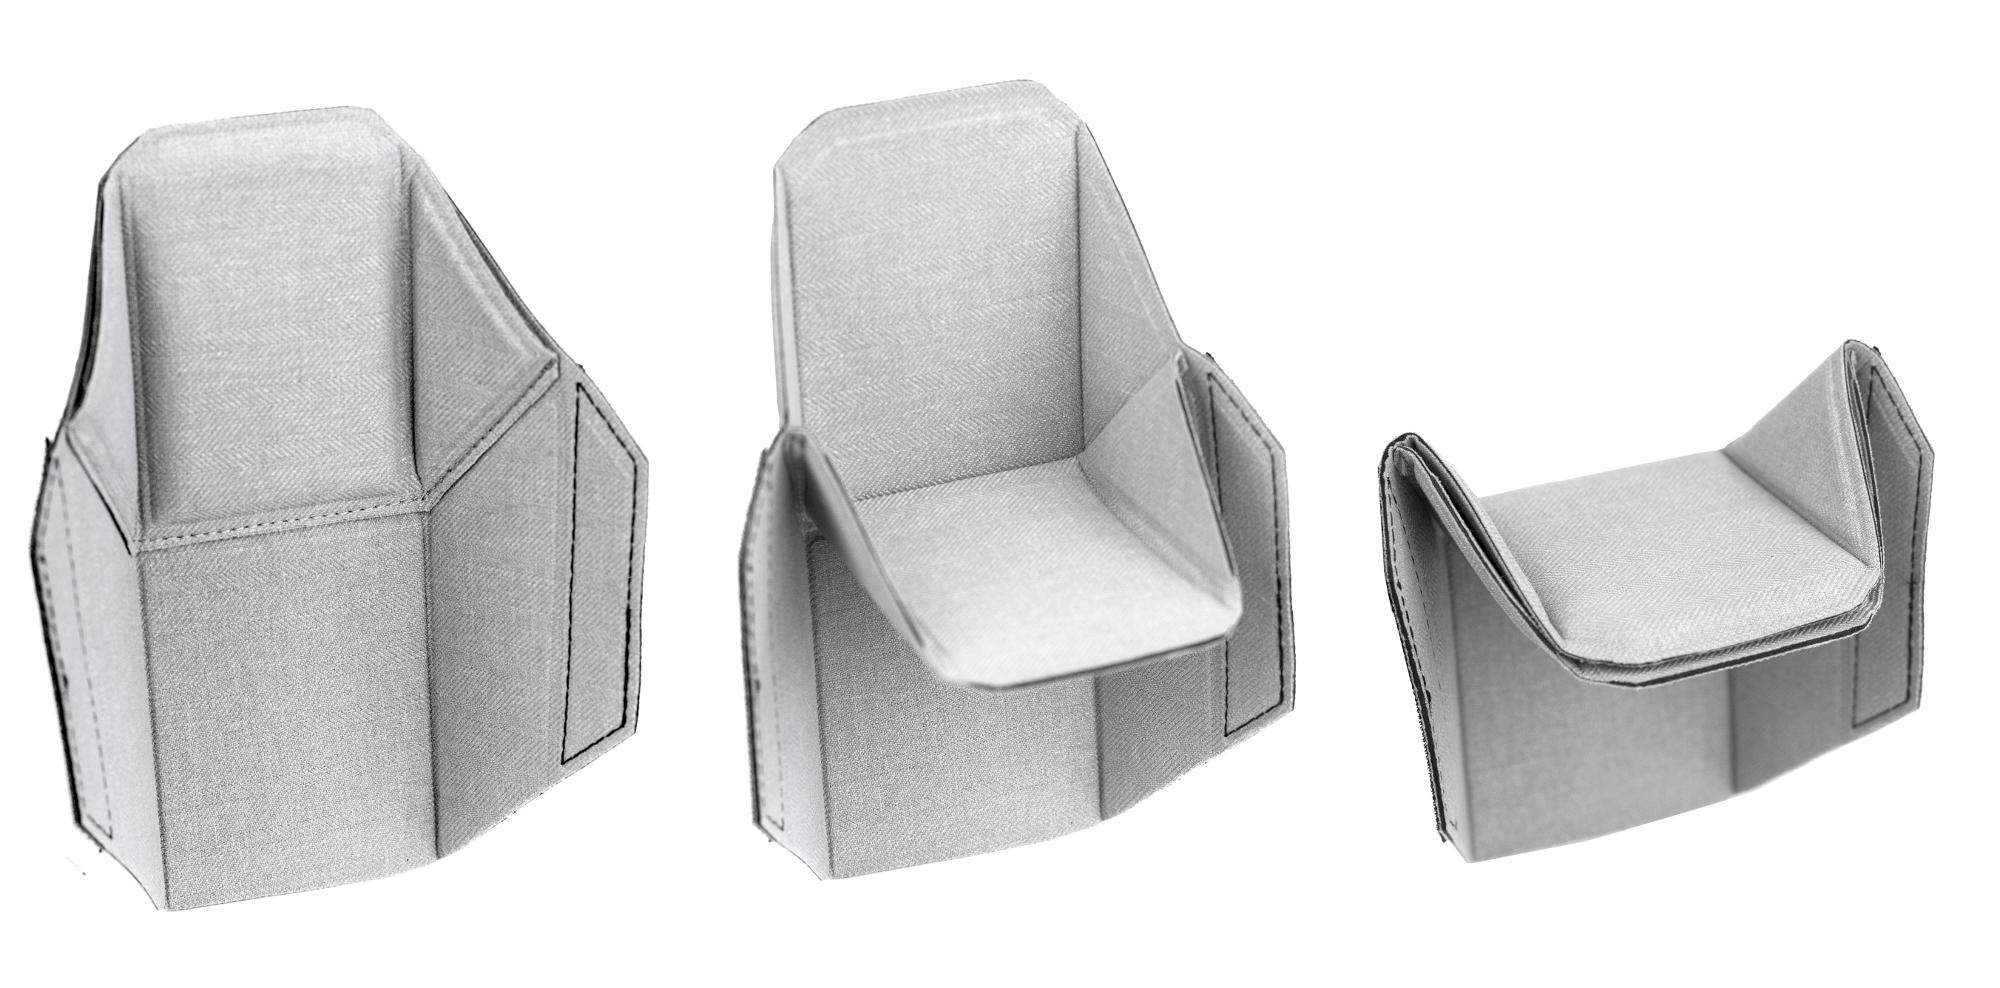 Przegródki w stylu origami Peak Design